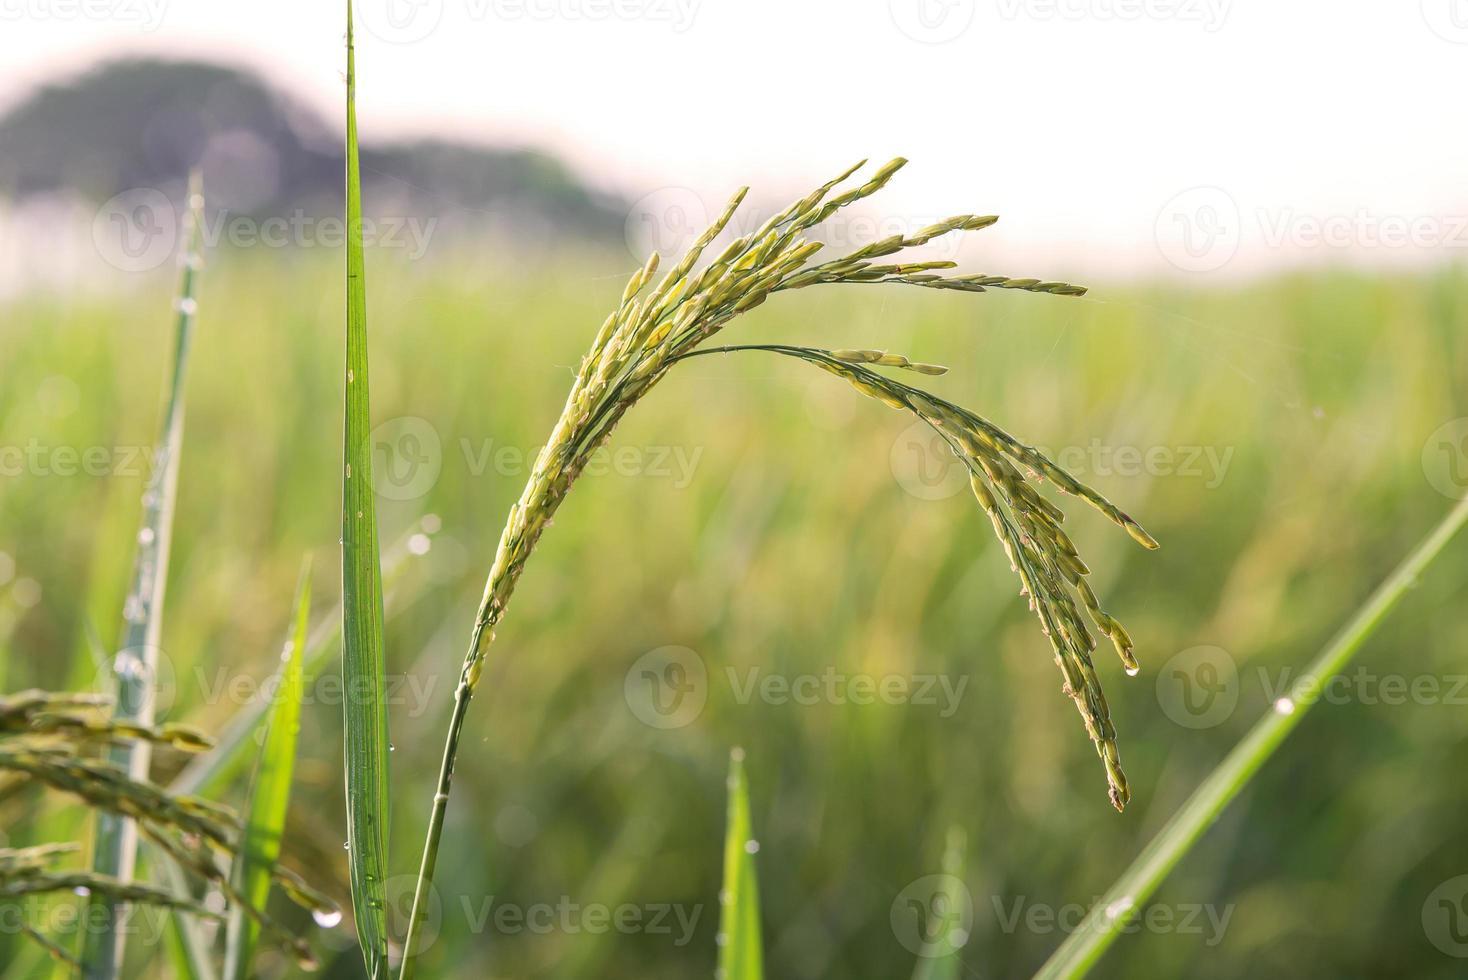 picco di riso foto